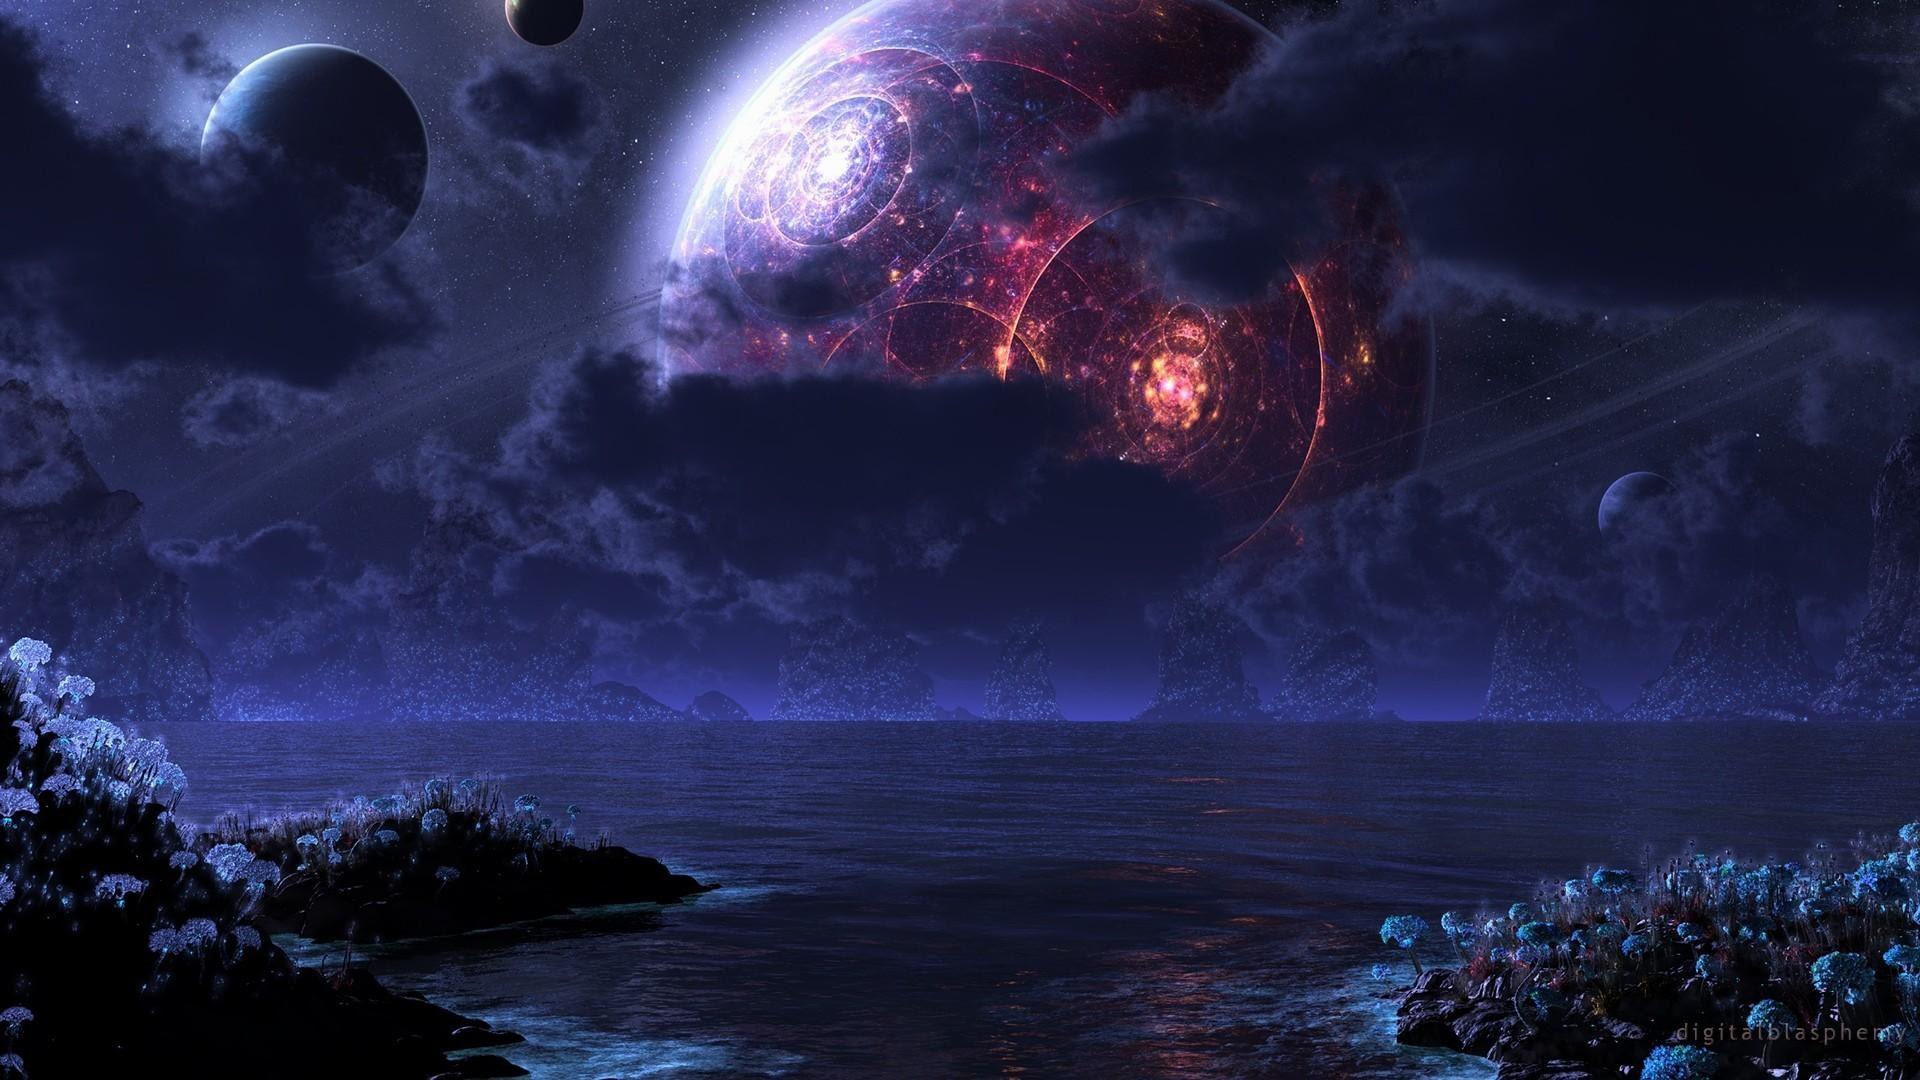 Alien Landscape Wallpaper 68 Images